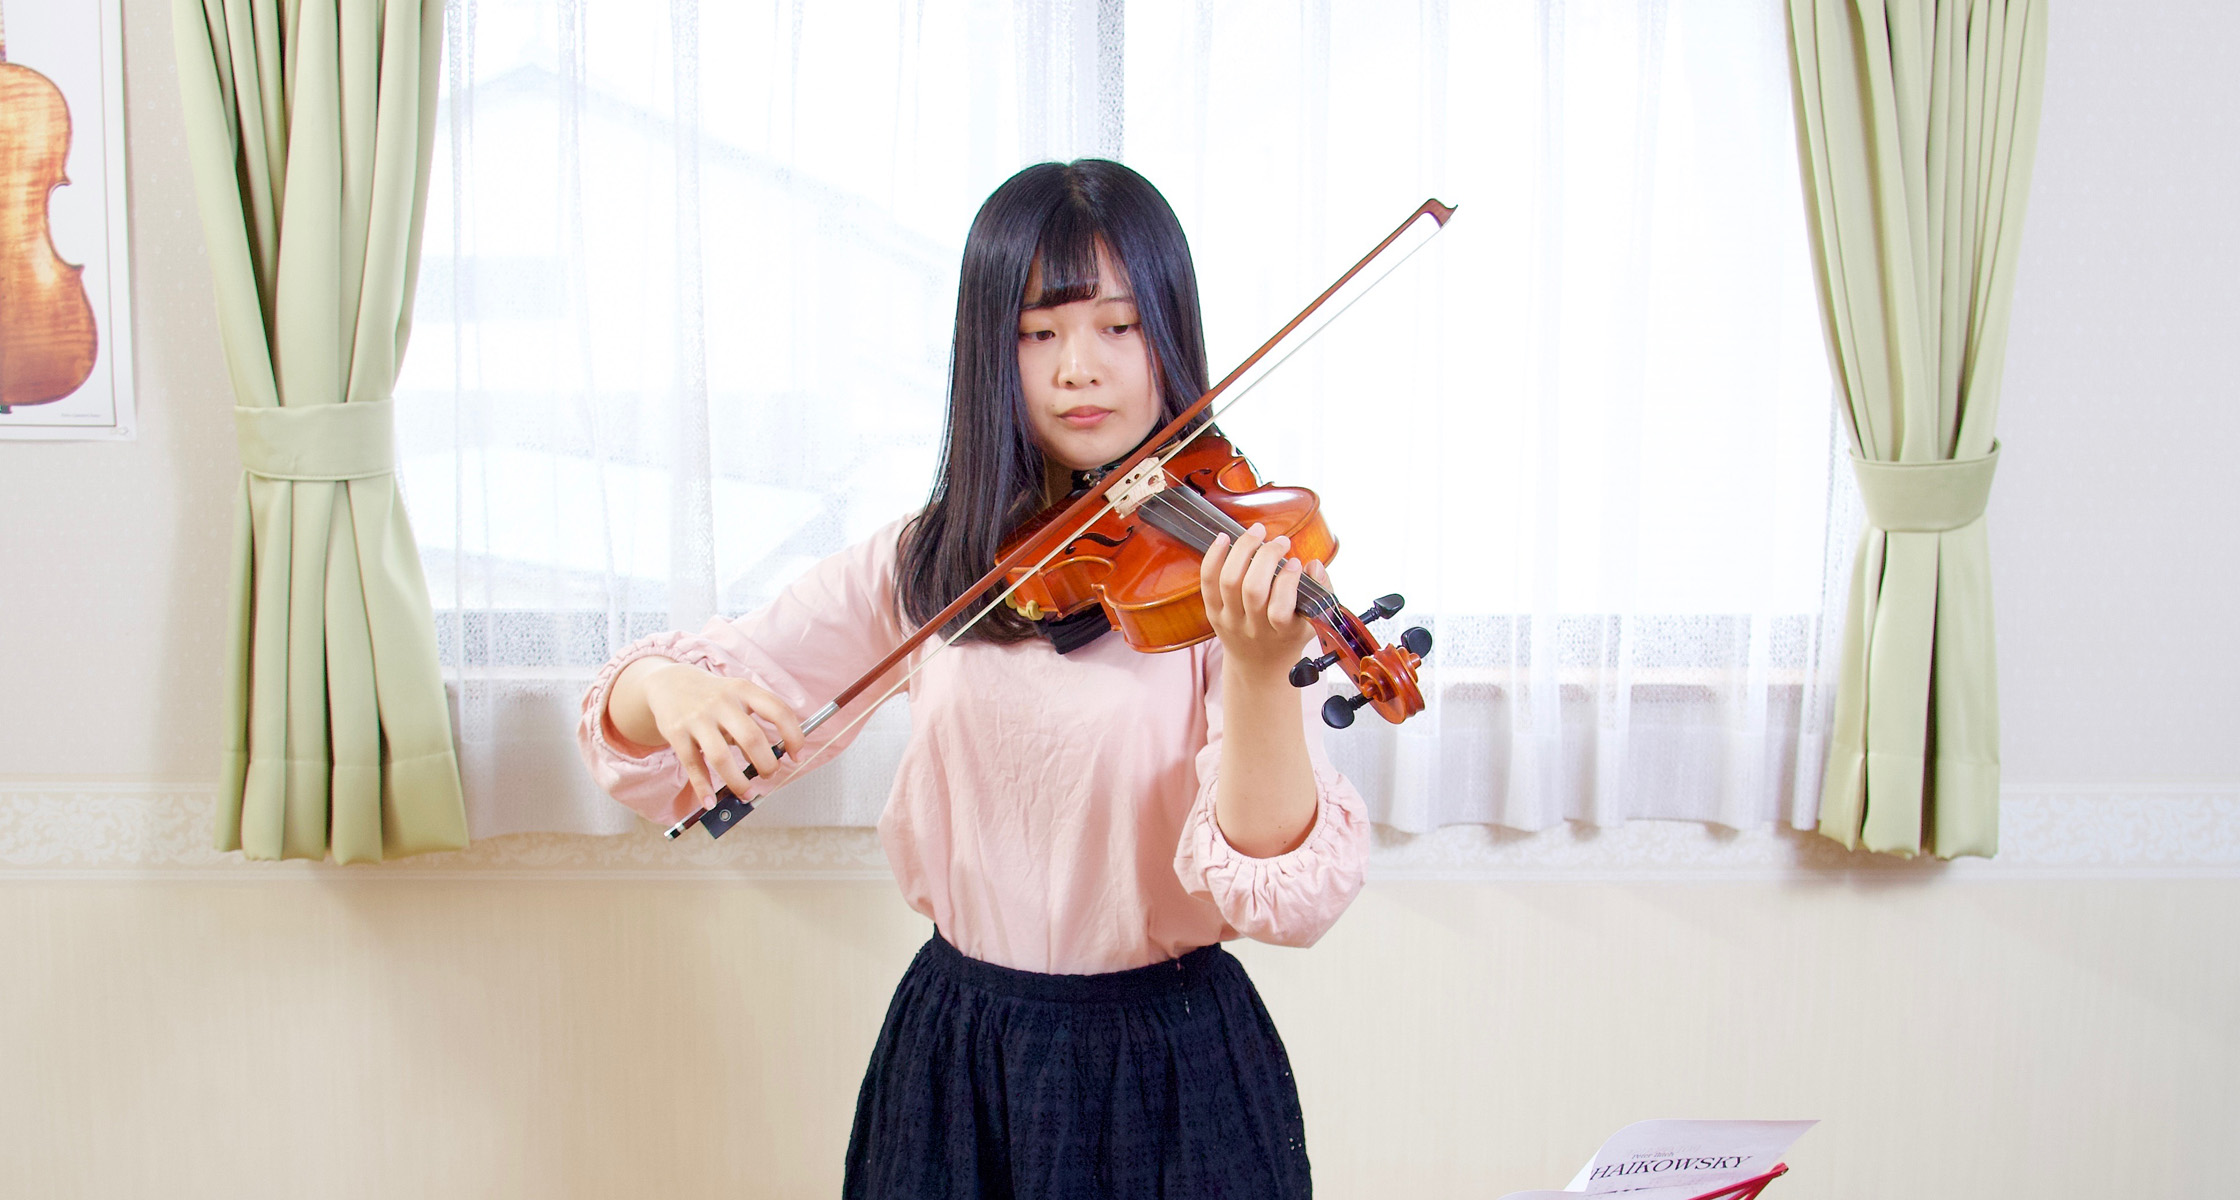 高校生がヴァイオリンを演奏